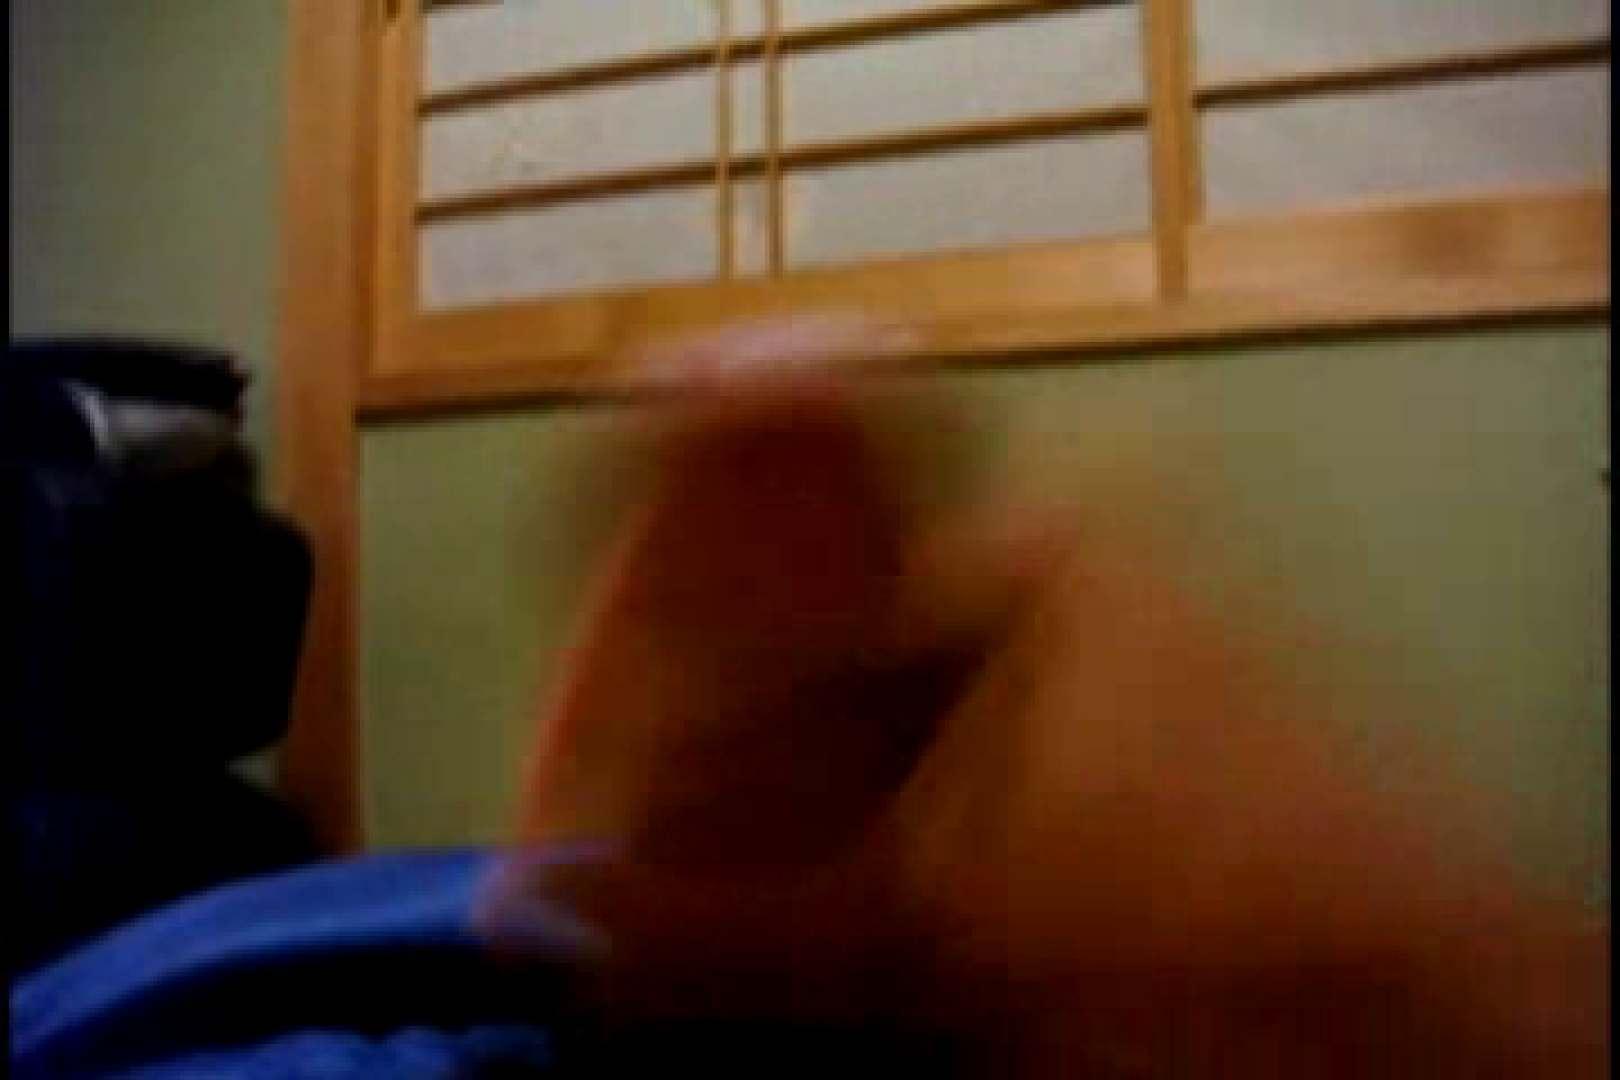 オナ好きノンケテニス部員の自画撮り投稿vol.02 射精 GAY無修正エロ動画 76枚 63